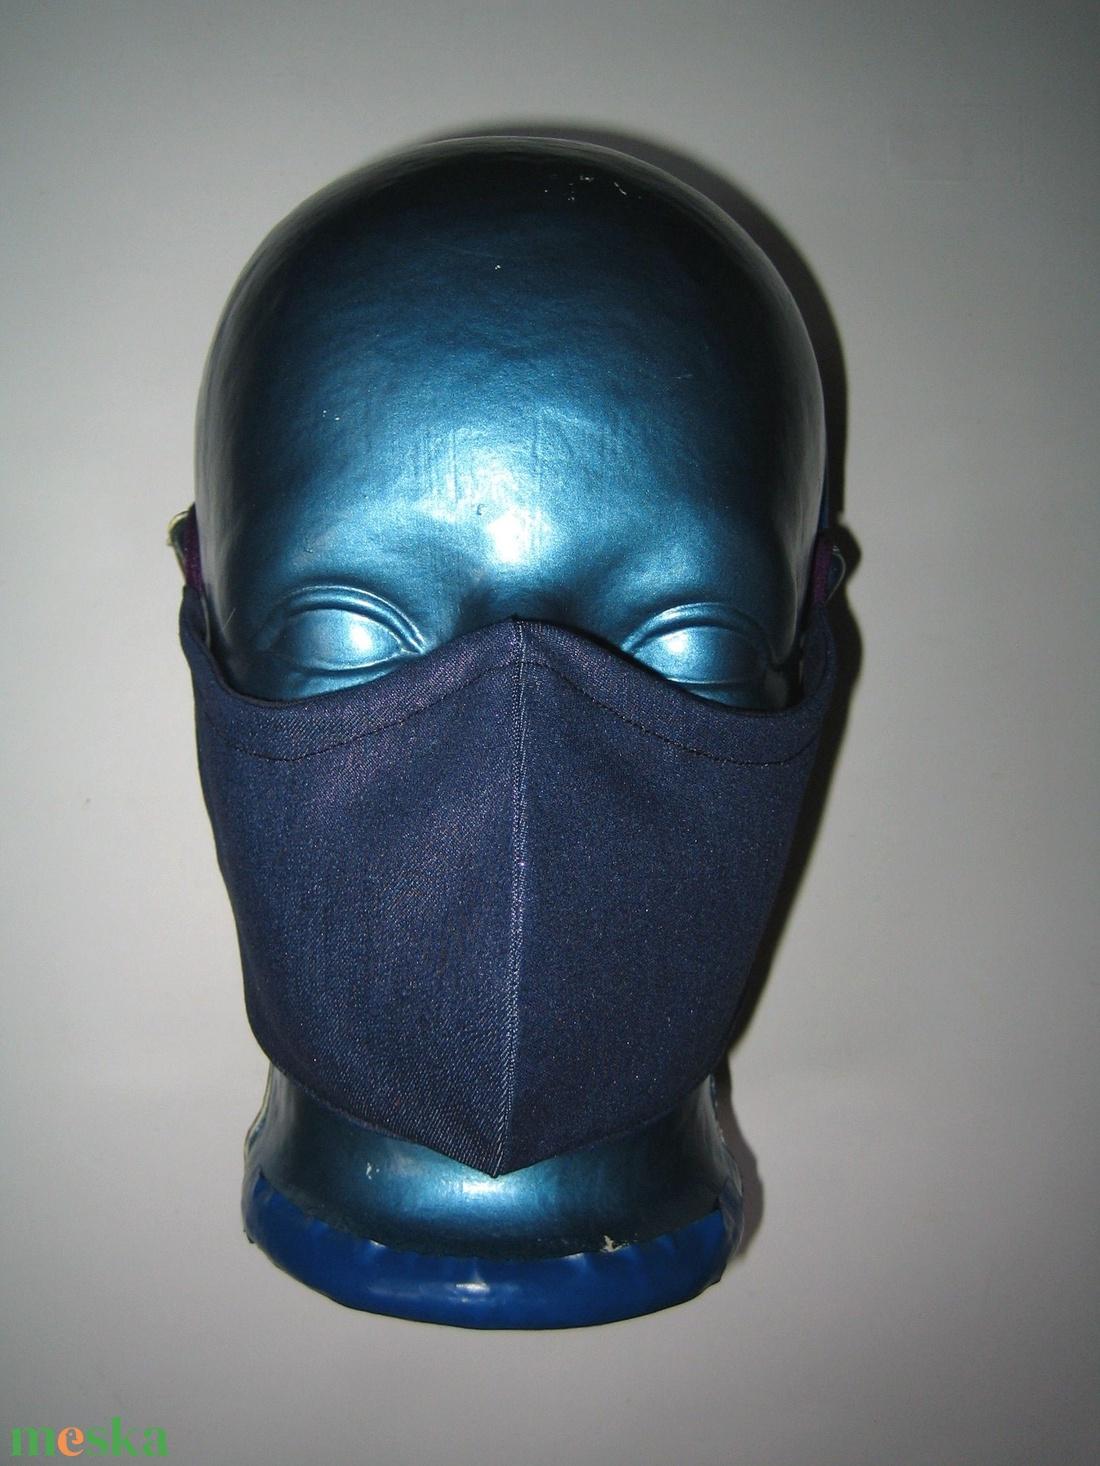 Metálfényű szájmaszk orrmerevítős fülre akasztható maszk exkluzív csillogó textilmaszk lila-kék - maszk, arcmaszk - női - Meska.hu